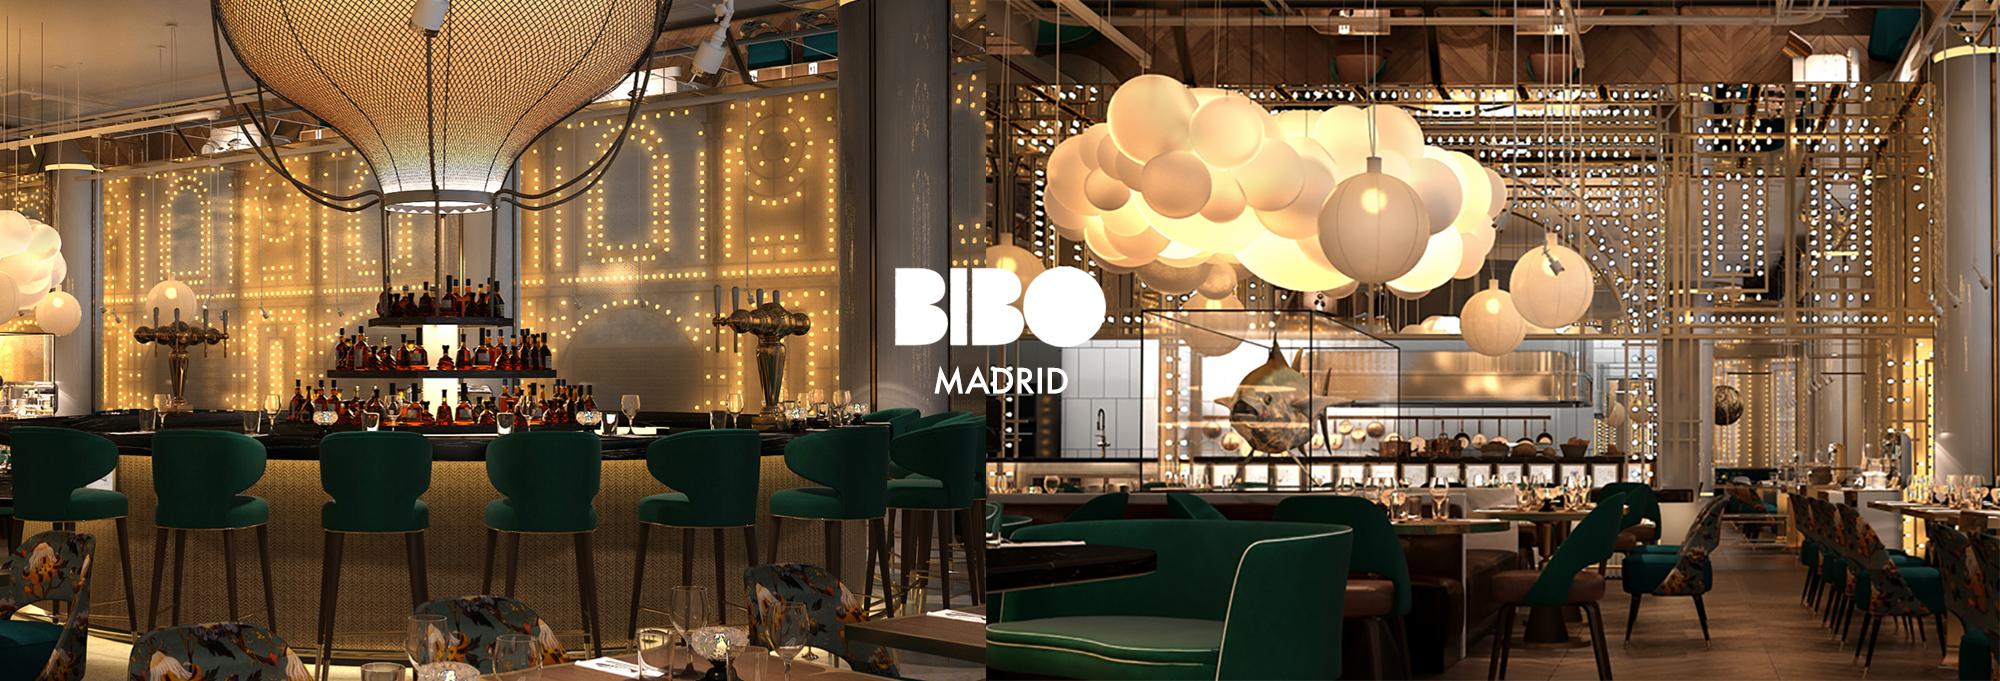 Dani Garcia Bibo Madrid